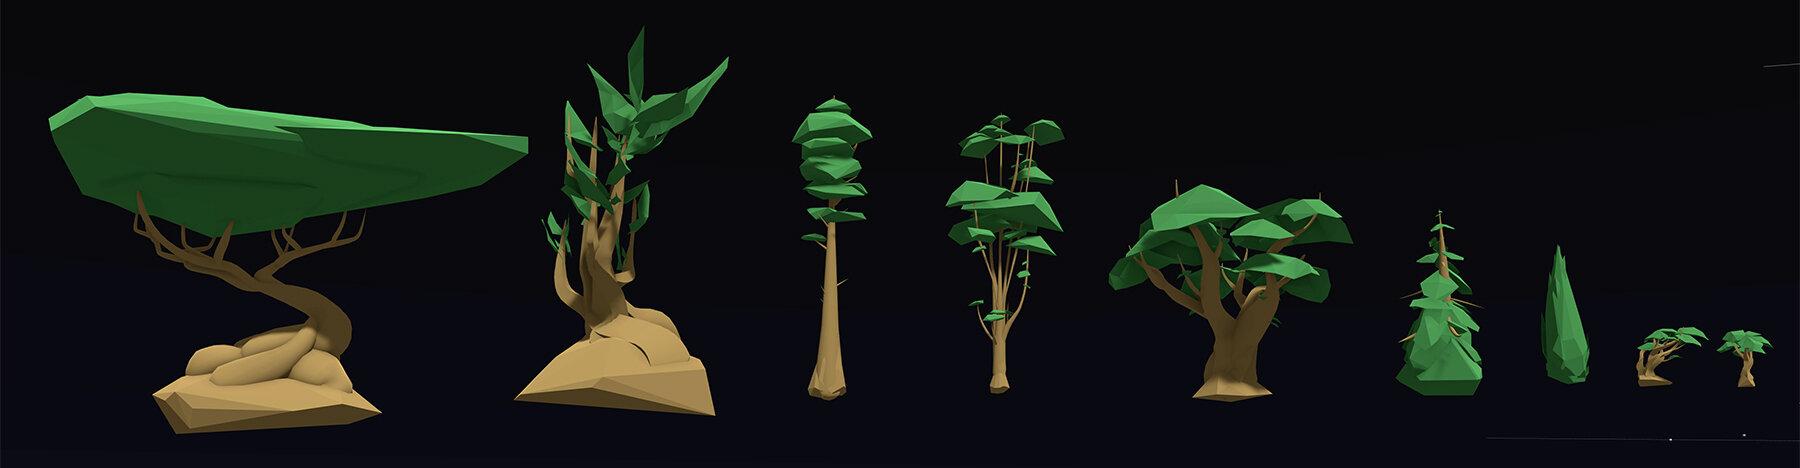 tree_zoo_v01.jpg